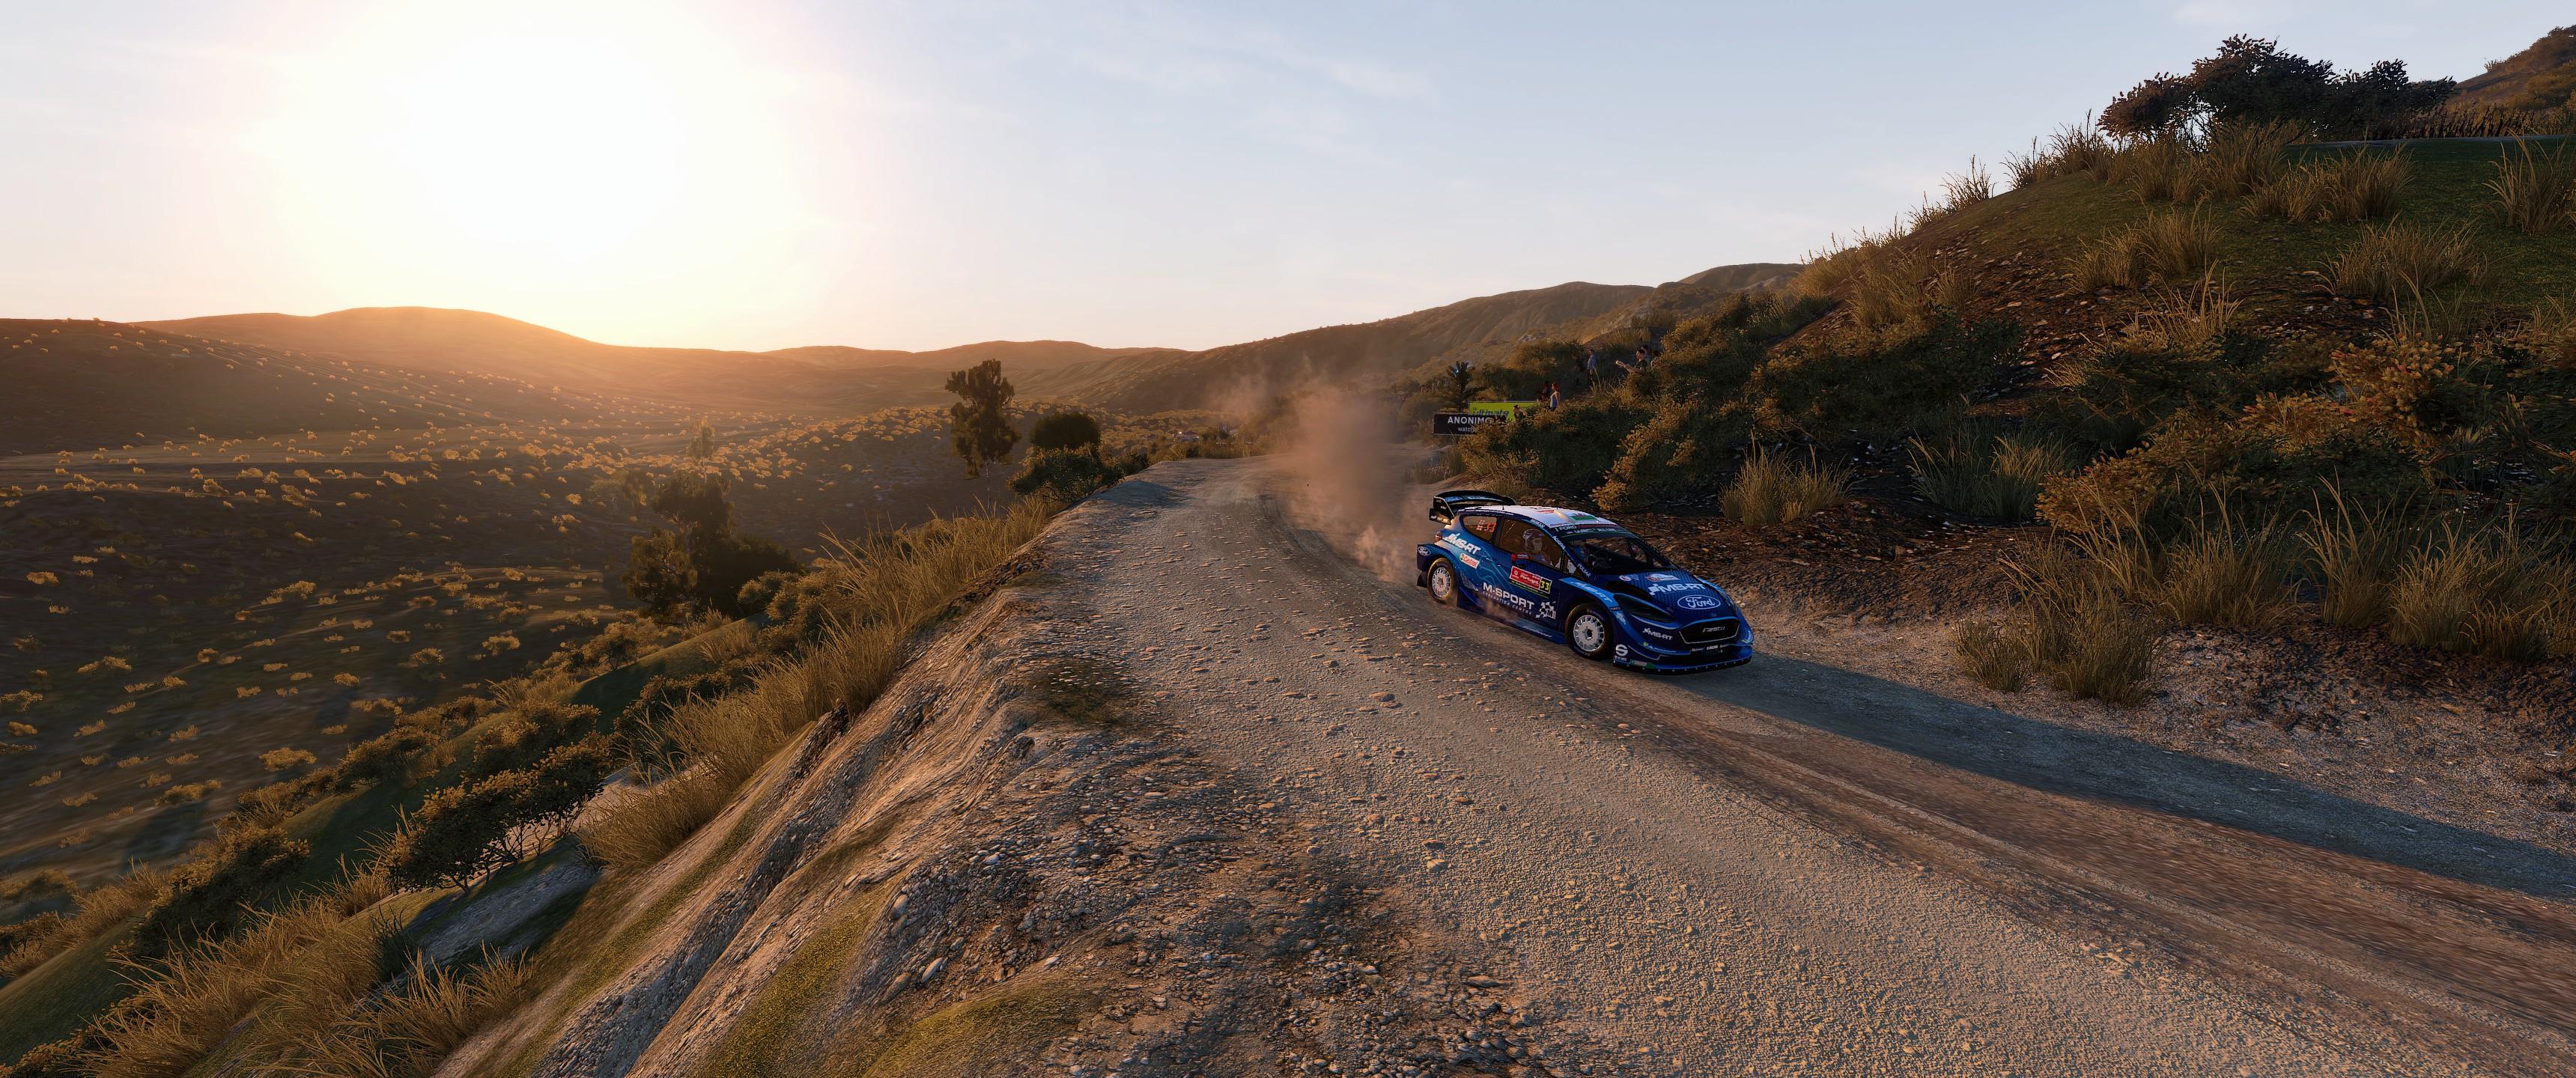 WRC8 2019-11-20 01-05-59.jpg